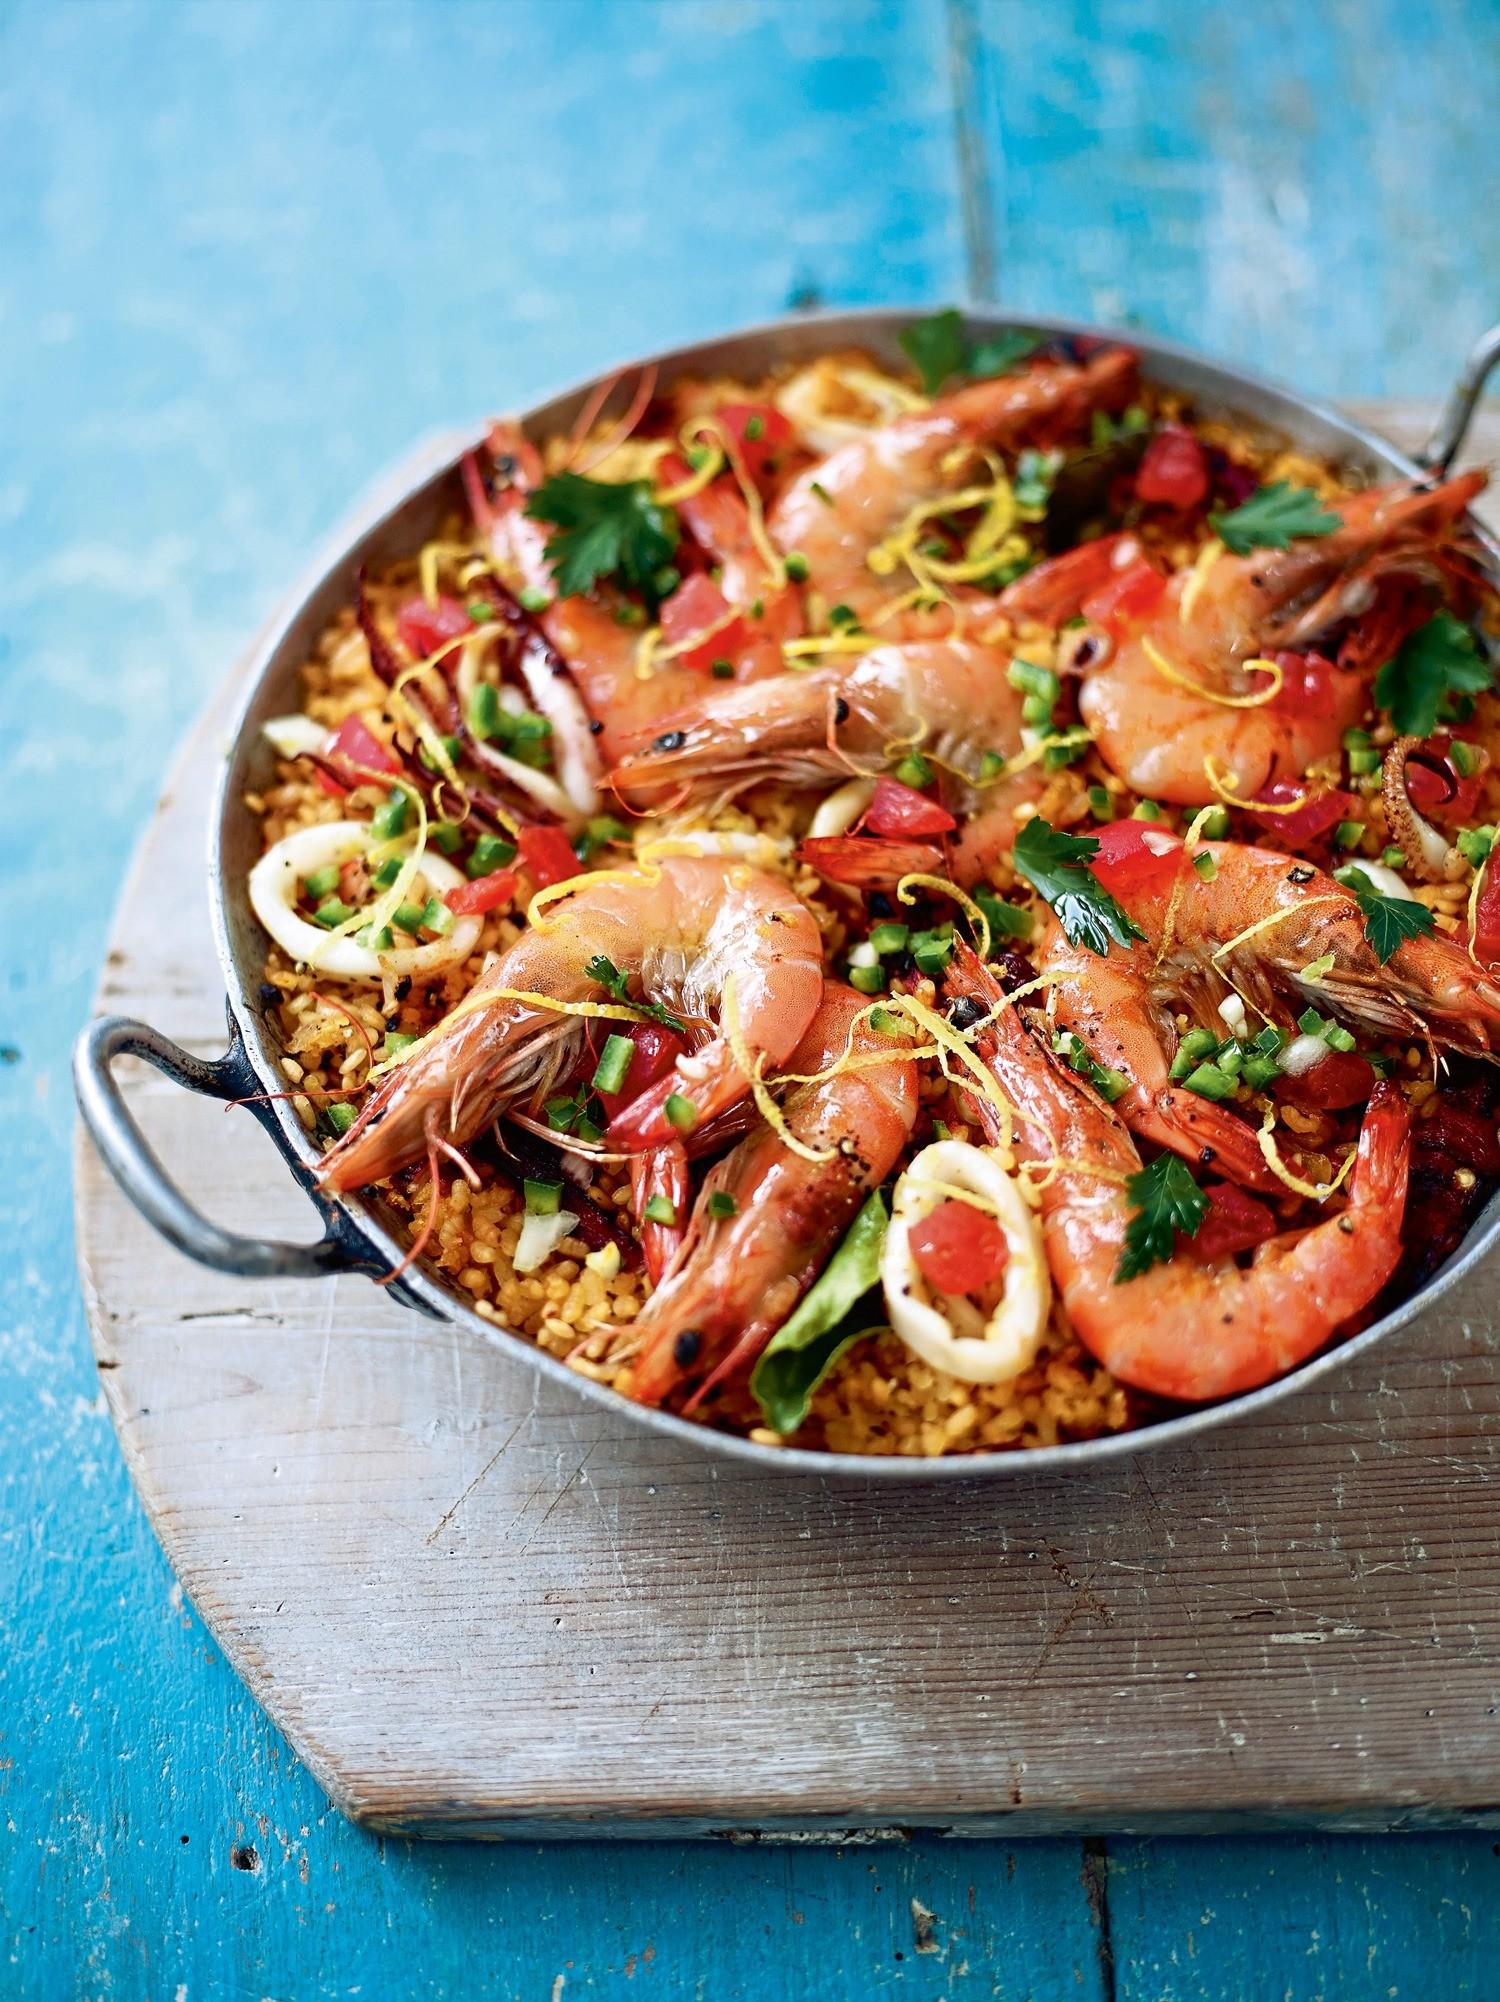 Испанский ужин: рецепт паэльи с морепродуктами